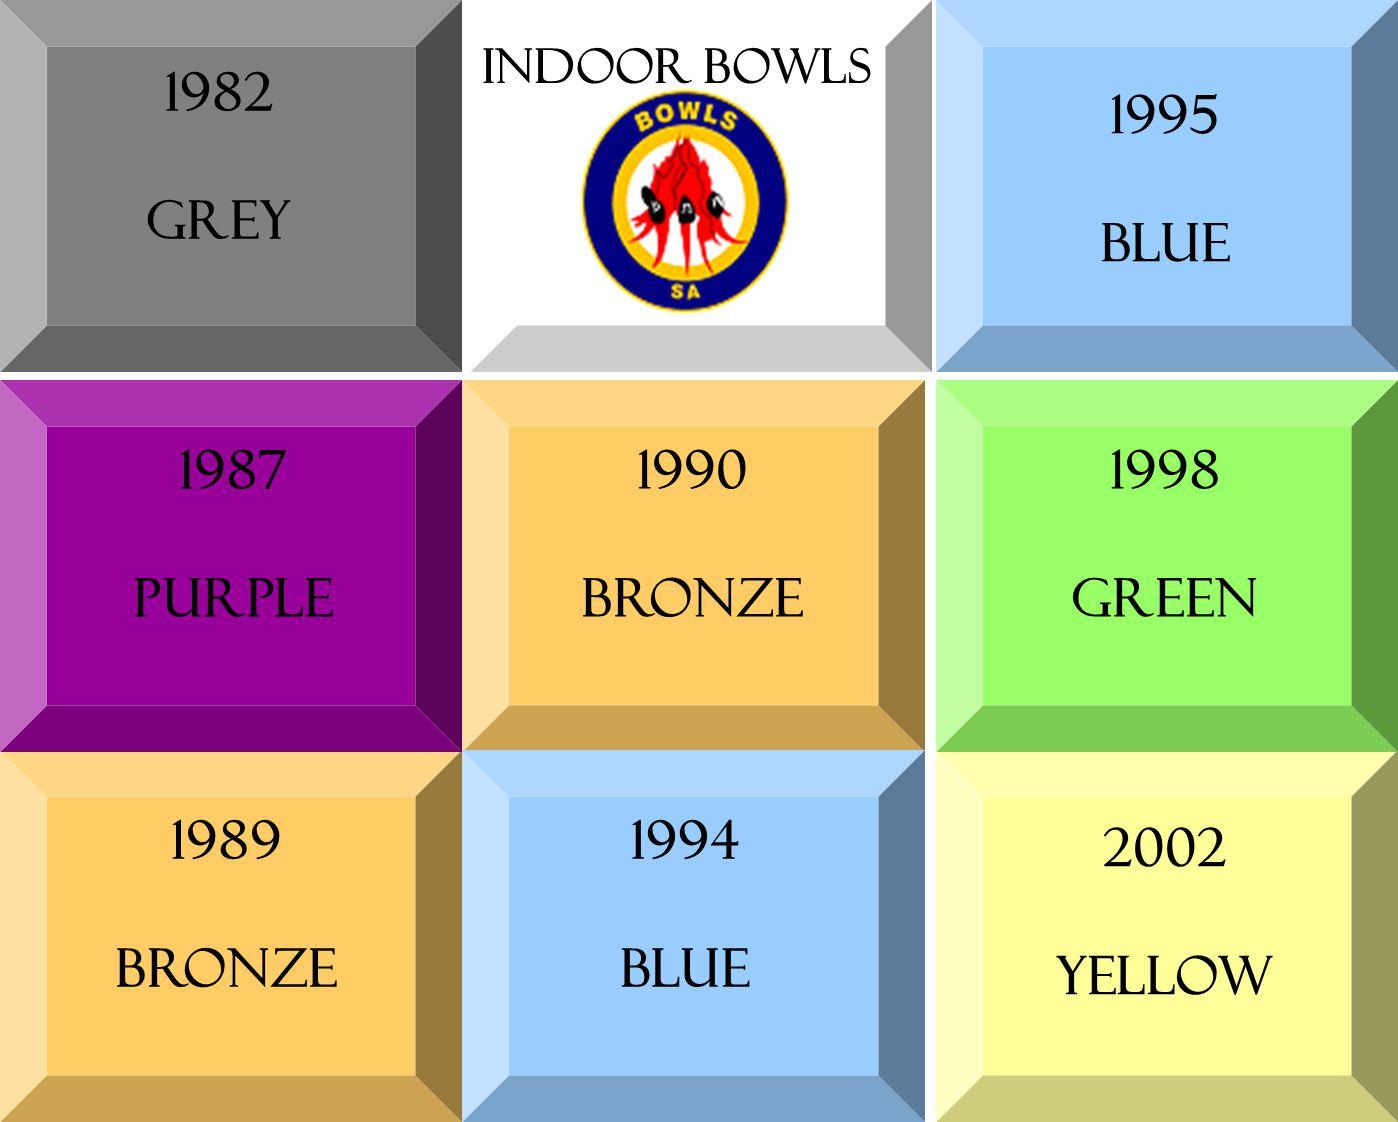 1982 grey 1987 purple 1989 bronze 1994 blue 1990 bronze 1995 blue 1998 green 2002 yellow Indoor bowls